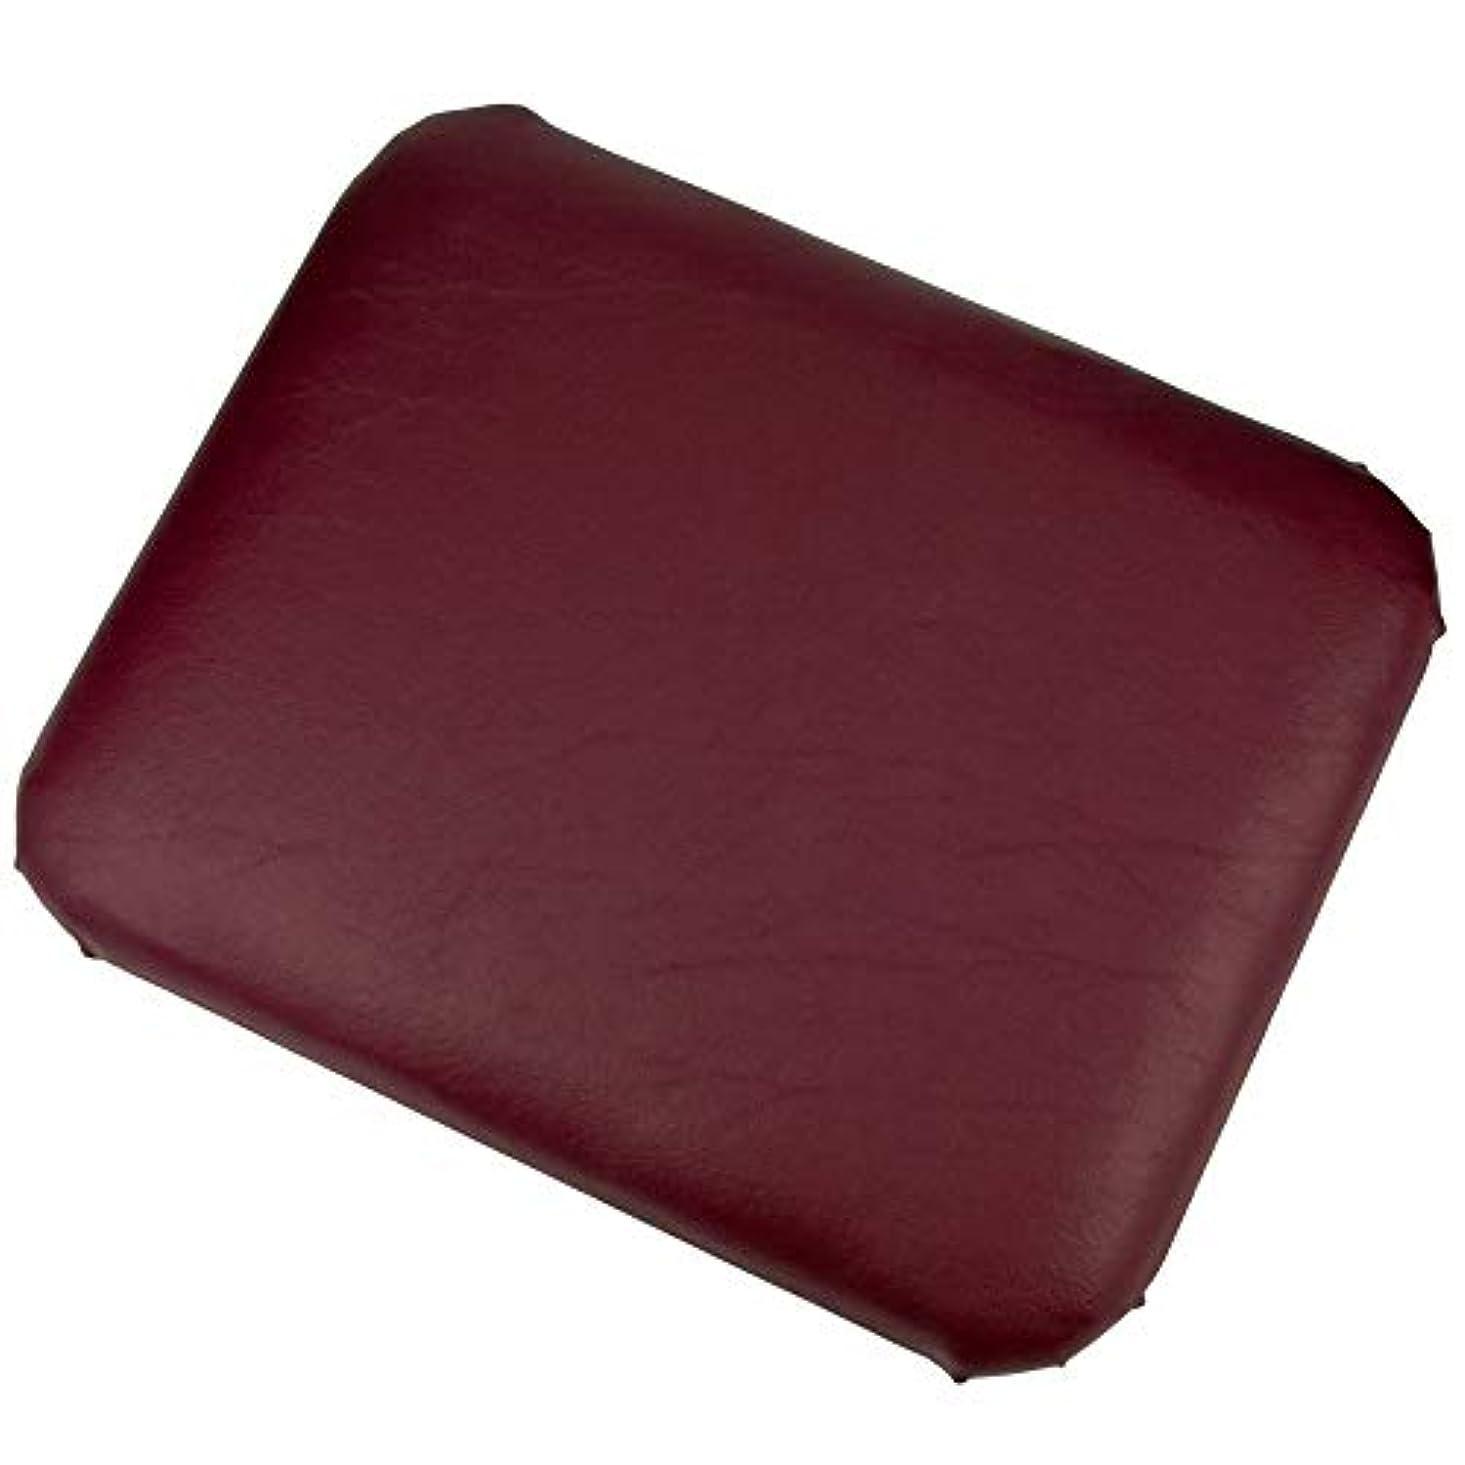 折る印象派ドラッグLLOYD (ロイド) テーブルボード 骨盤 マッサージ 柔らかすぎる テーブル や ベッド を安定させ 脊椎 の 前方変位 の 矯正 などにも最適 【ルビー】